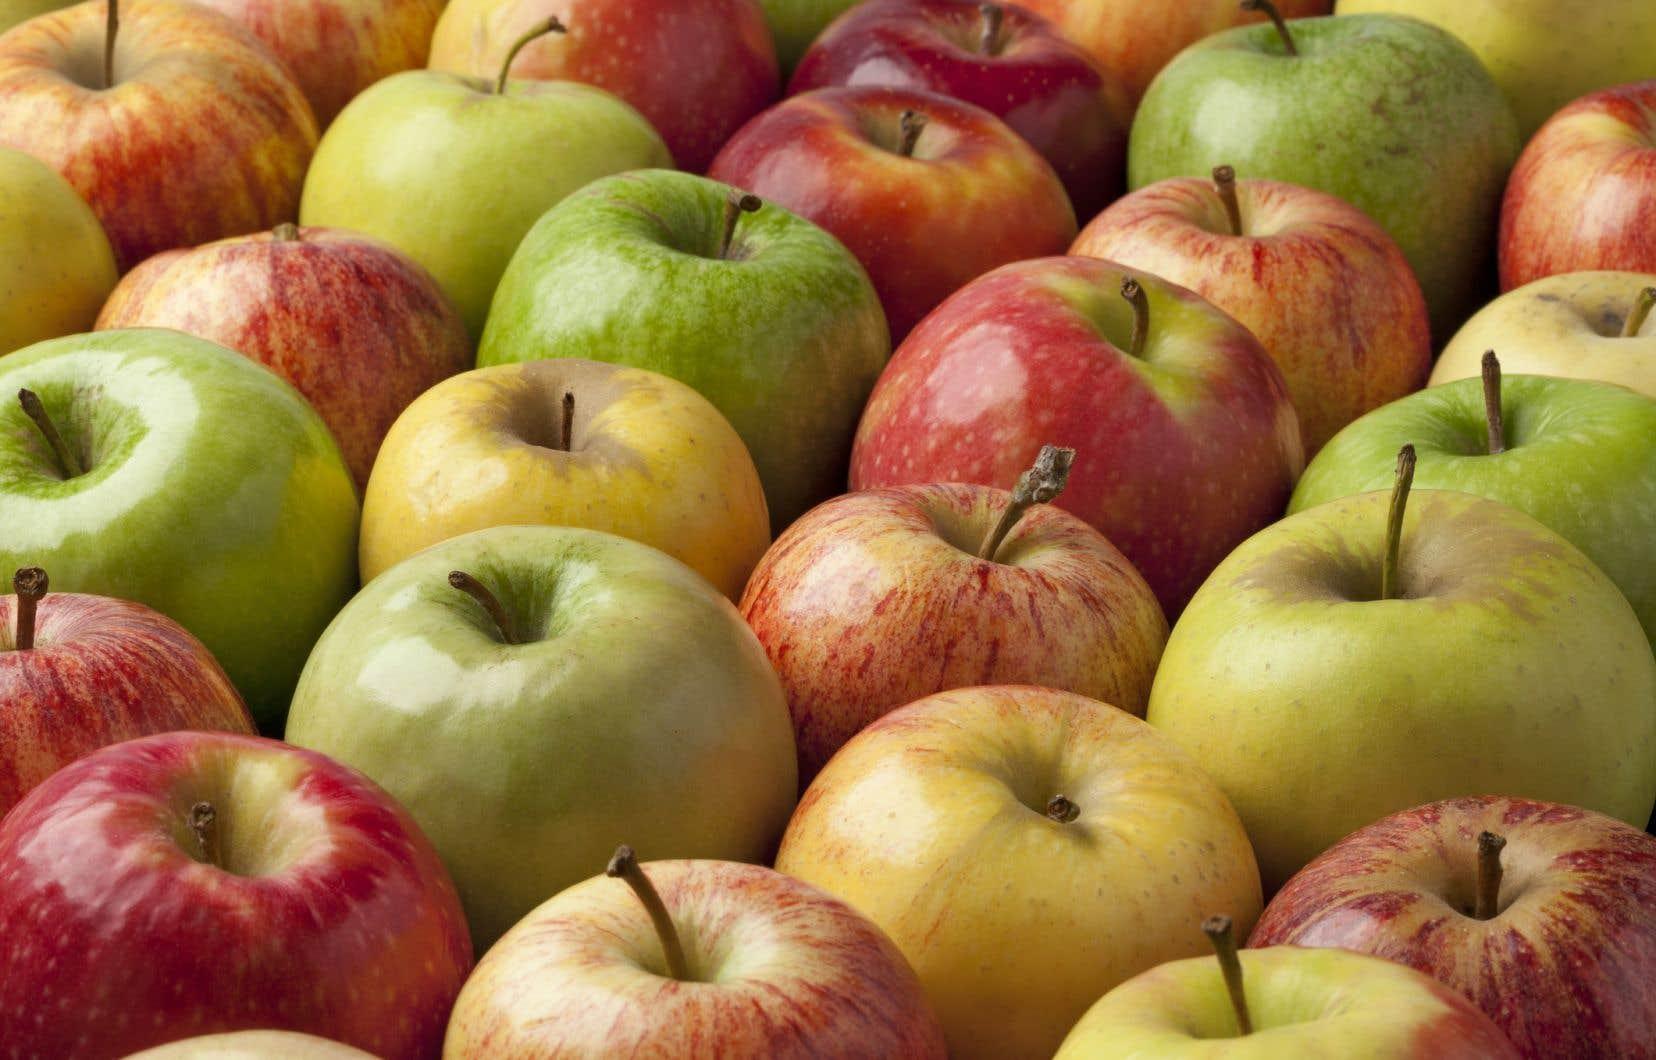 Les chercheurs de l'étude affirment que le microbiome des pommes biologiques était globalement plus diversifié que celui des pommes traditionnelles.